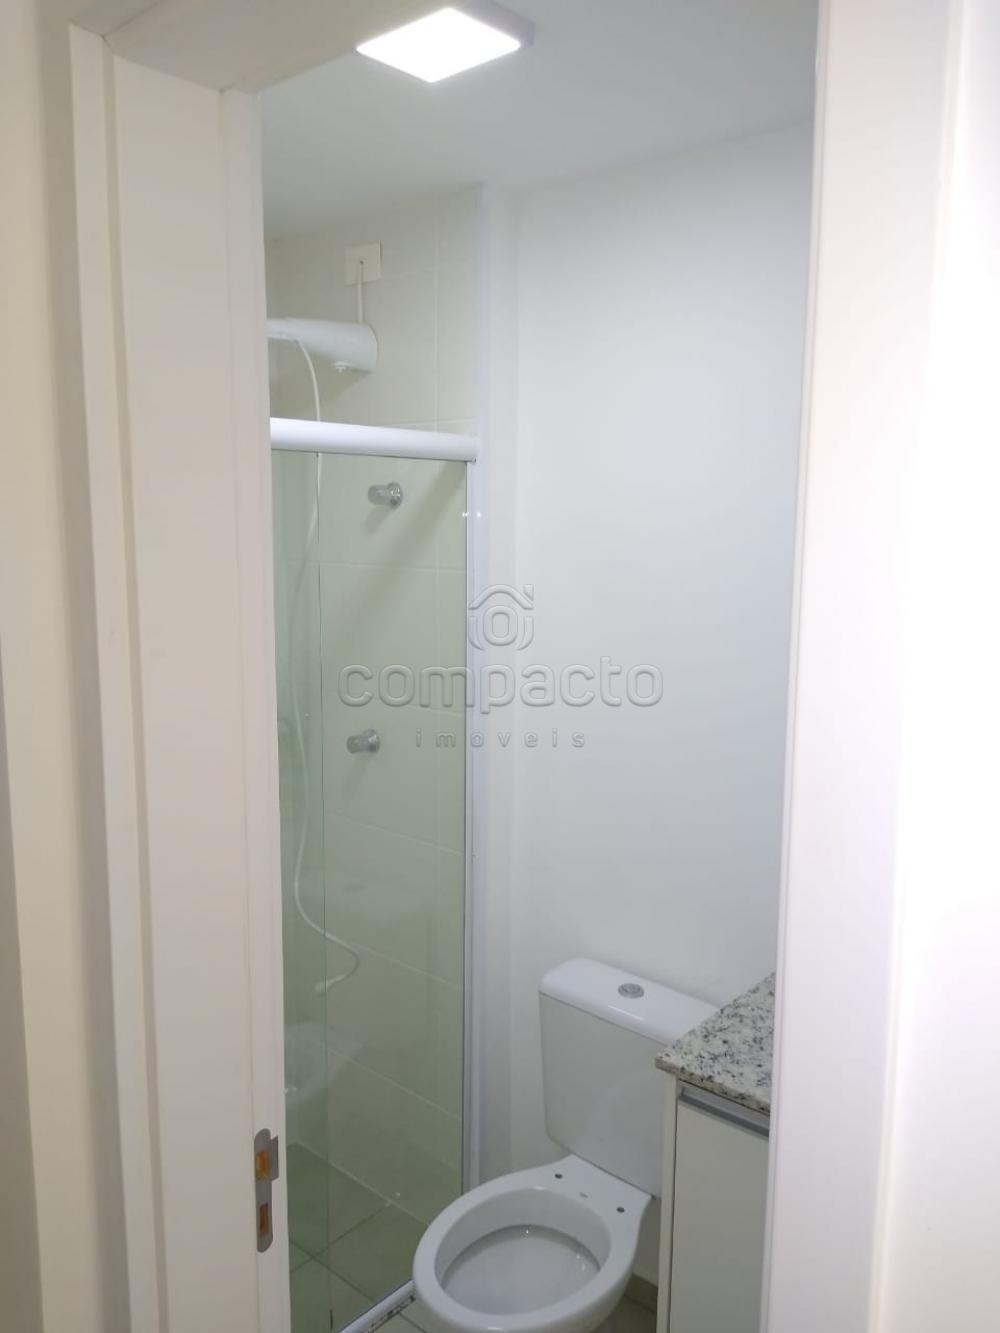 Alugar Apartamento / Padrão em São José do Rio Preto apenas R$ 1.600,00 - Foto 6